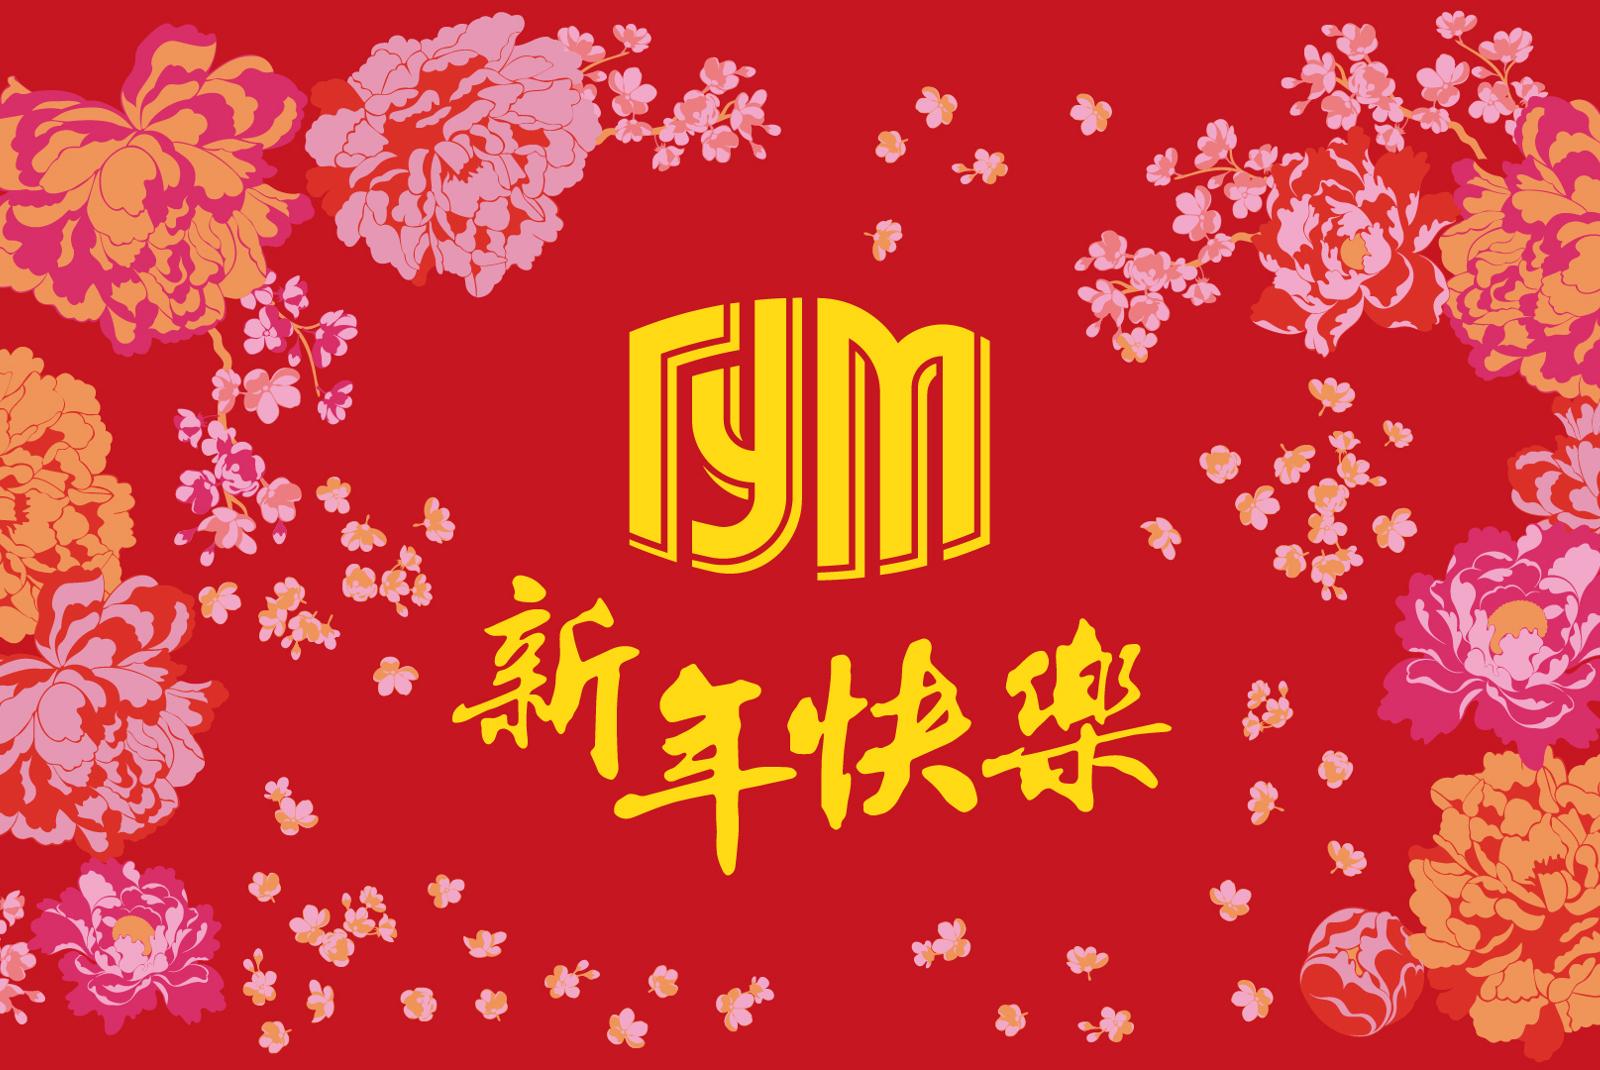 14bd53f78de6 8 февраля в ГУМе начнется фестиваль «Китайский Новый год»